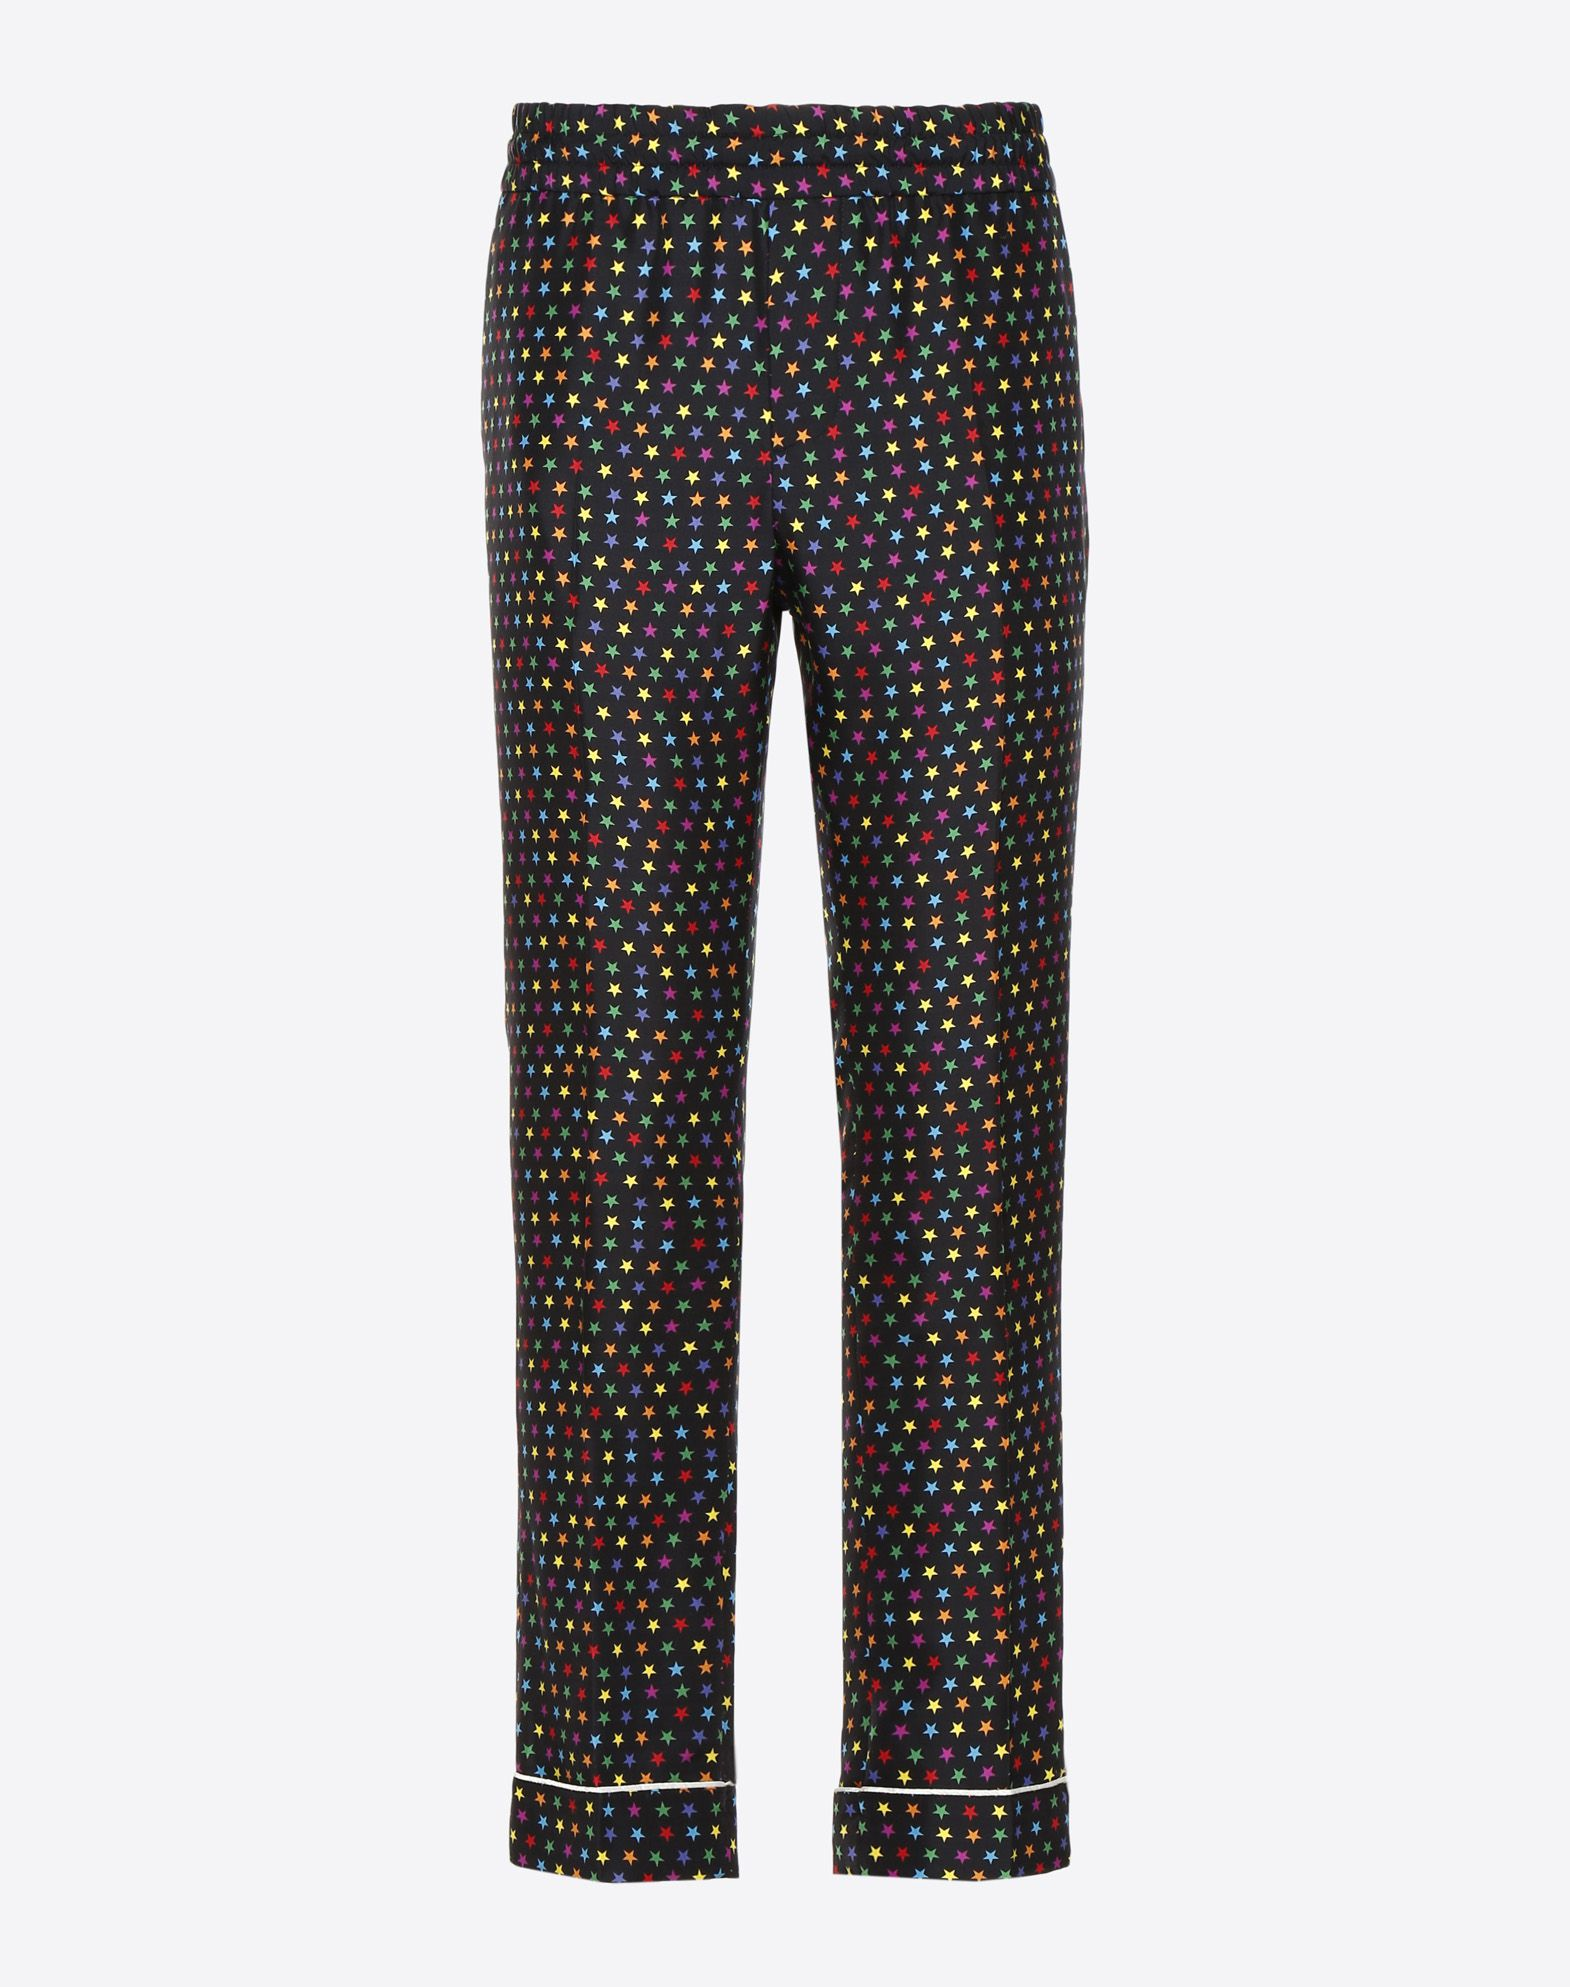 VALENTINO UOMO Pantalón pijama de seda con estampado de estrellas Pantalón U f